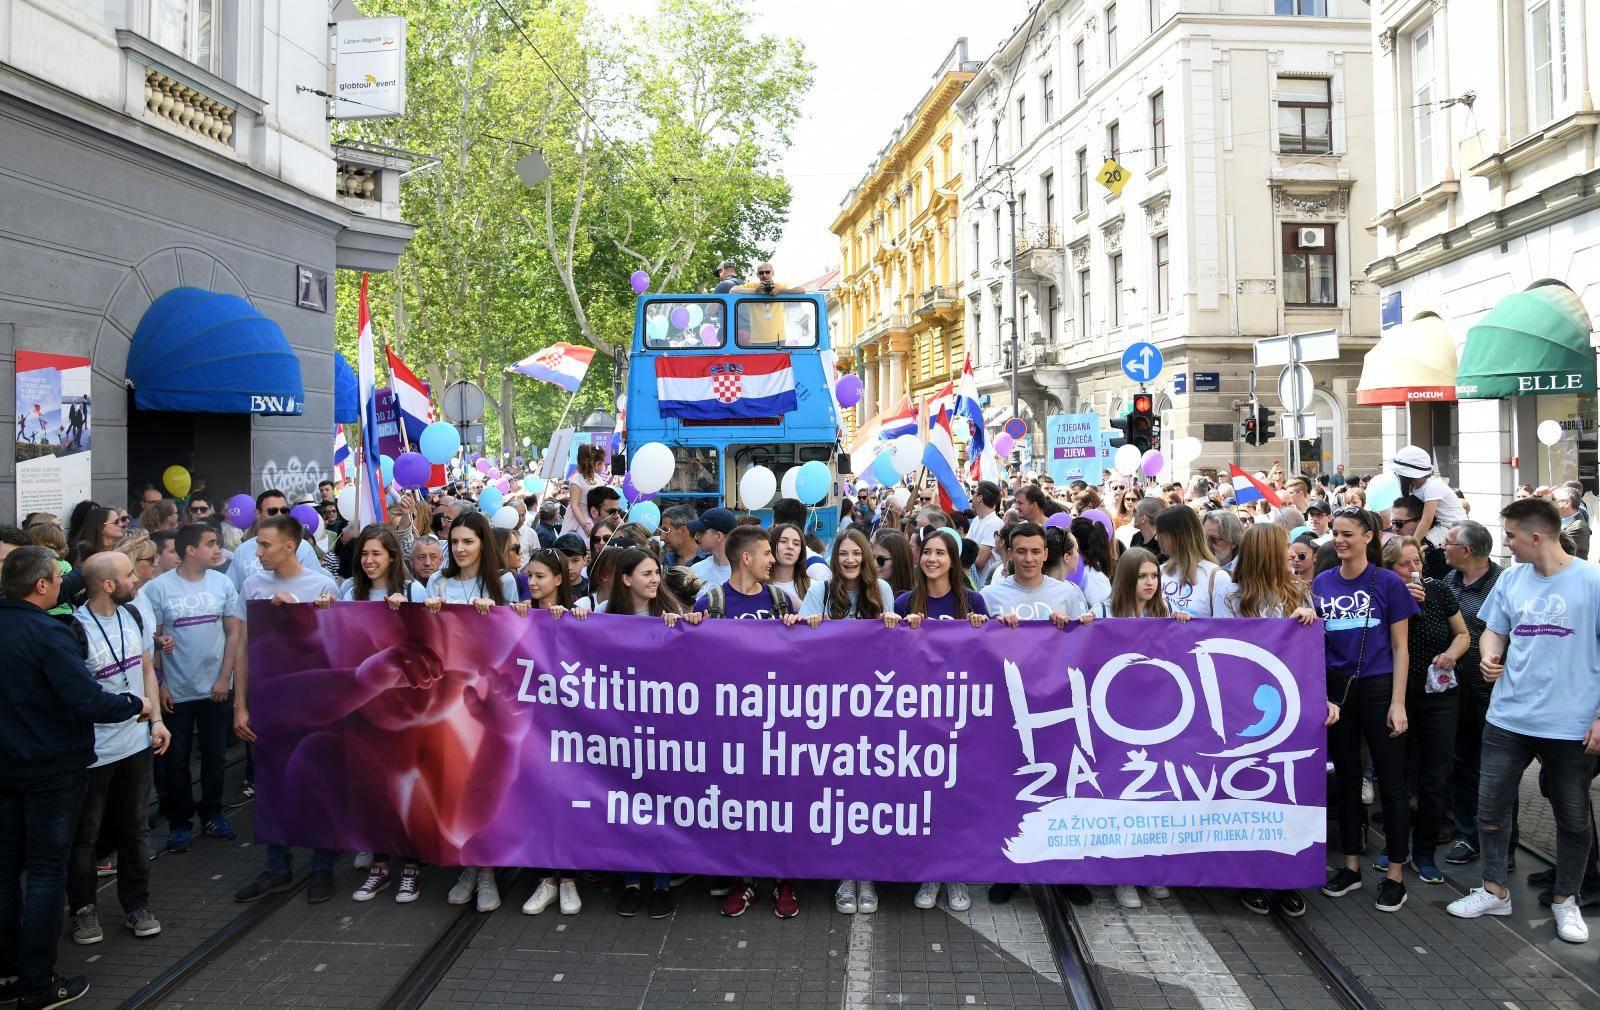 Hod za život u osam hrvatskih gradova, u Zagrebu 27. lipnja